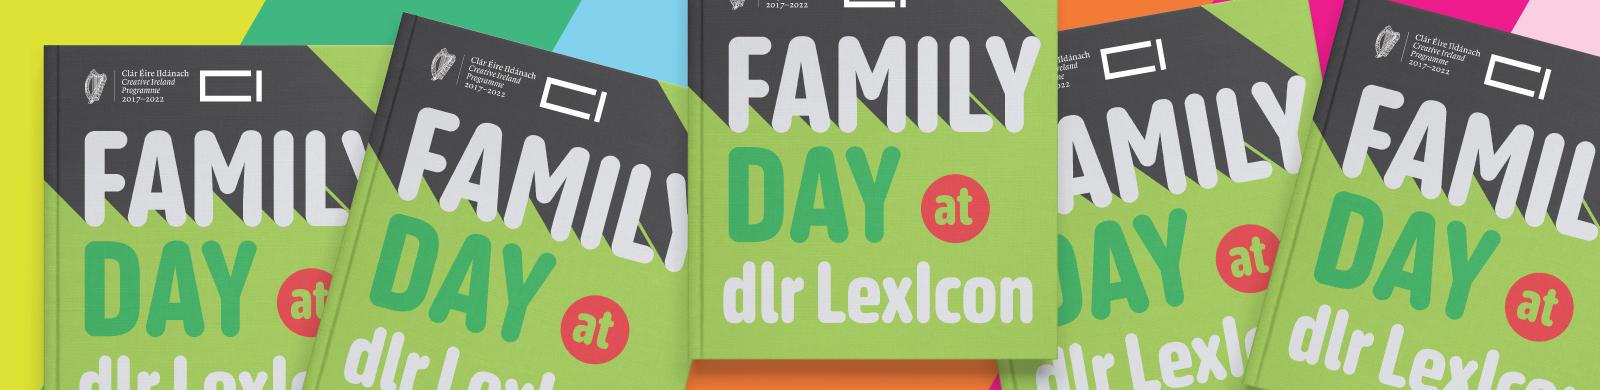 dlr LexIcon Family Day